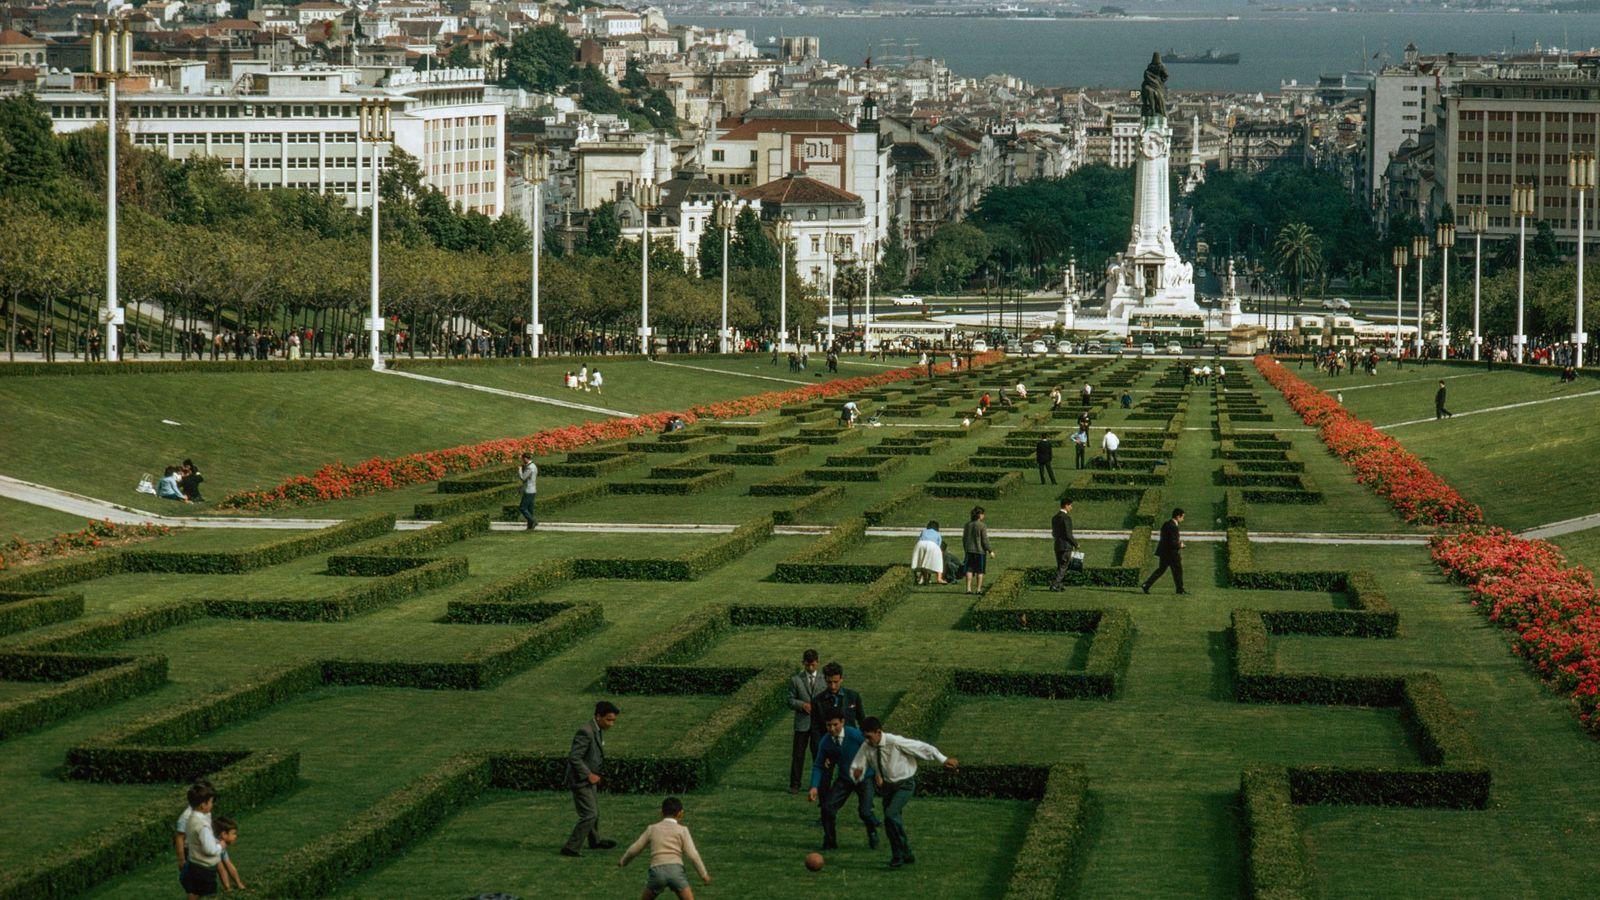 Várias pessoas passeiam pelos jardins esculpidos de um parque na cidade de Lisboa.